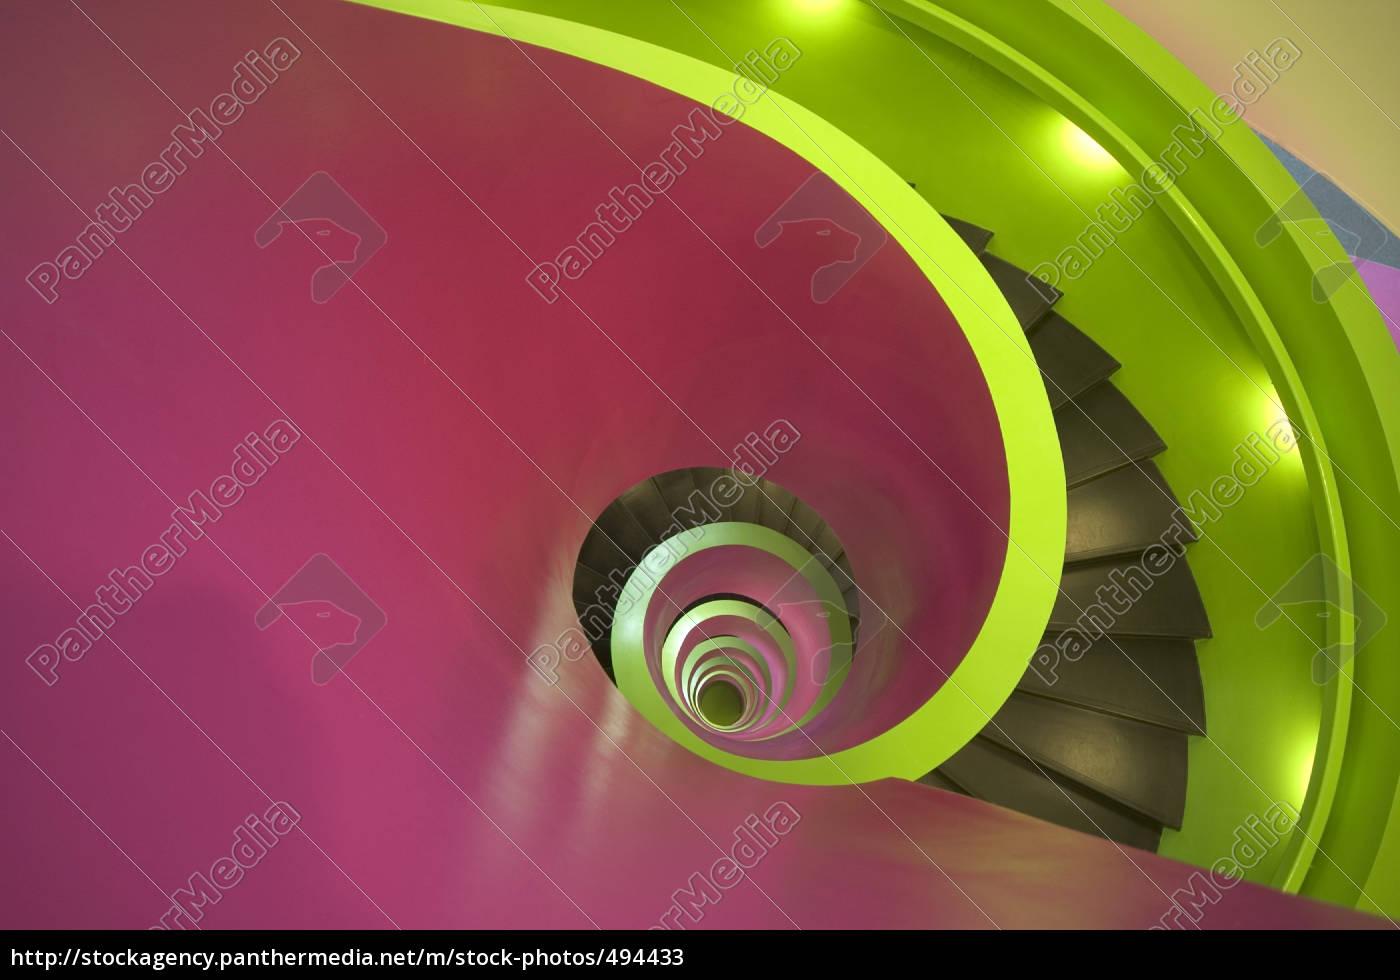 spiral, staircase, cottbus, ikmz, btu - 494433